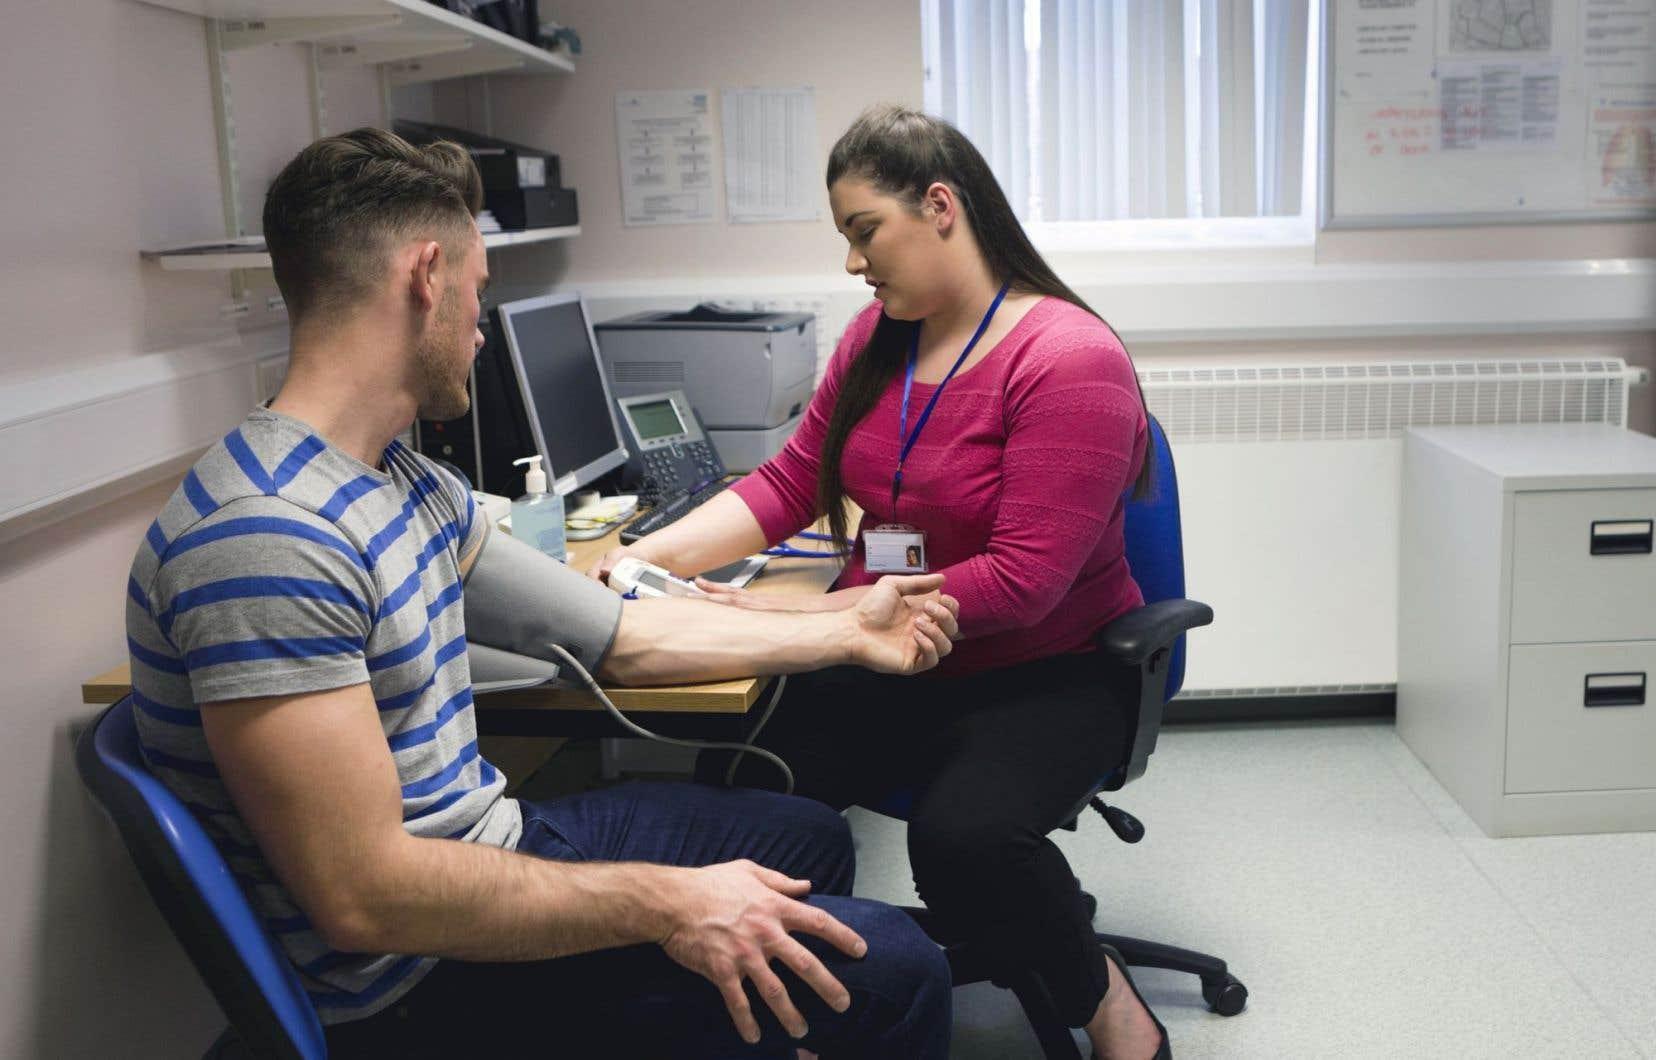 Le MSSS invite les établissements de santé à traiter «correctement» les femmes médecins qui font une demande de congé de maternité.